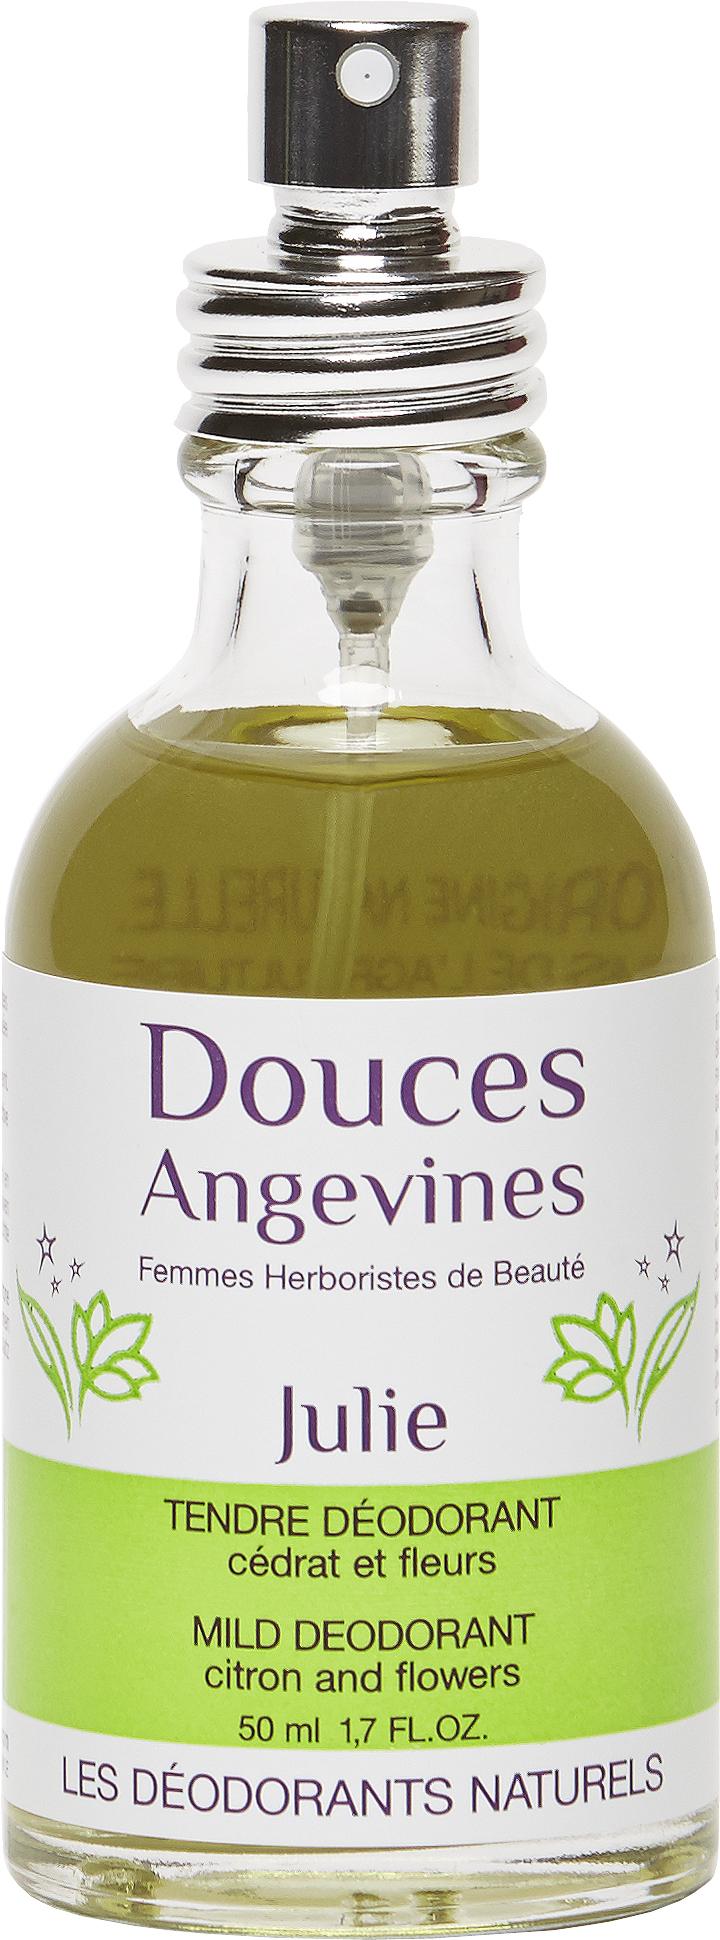 Doux Good - Douces angevines - déodorant Julie